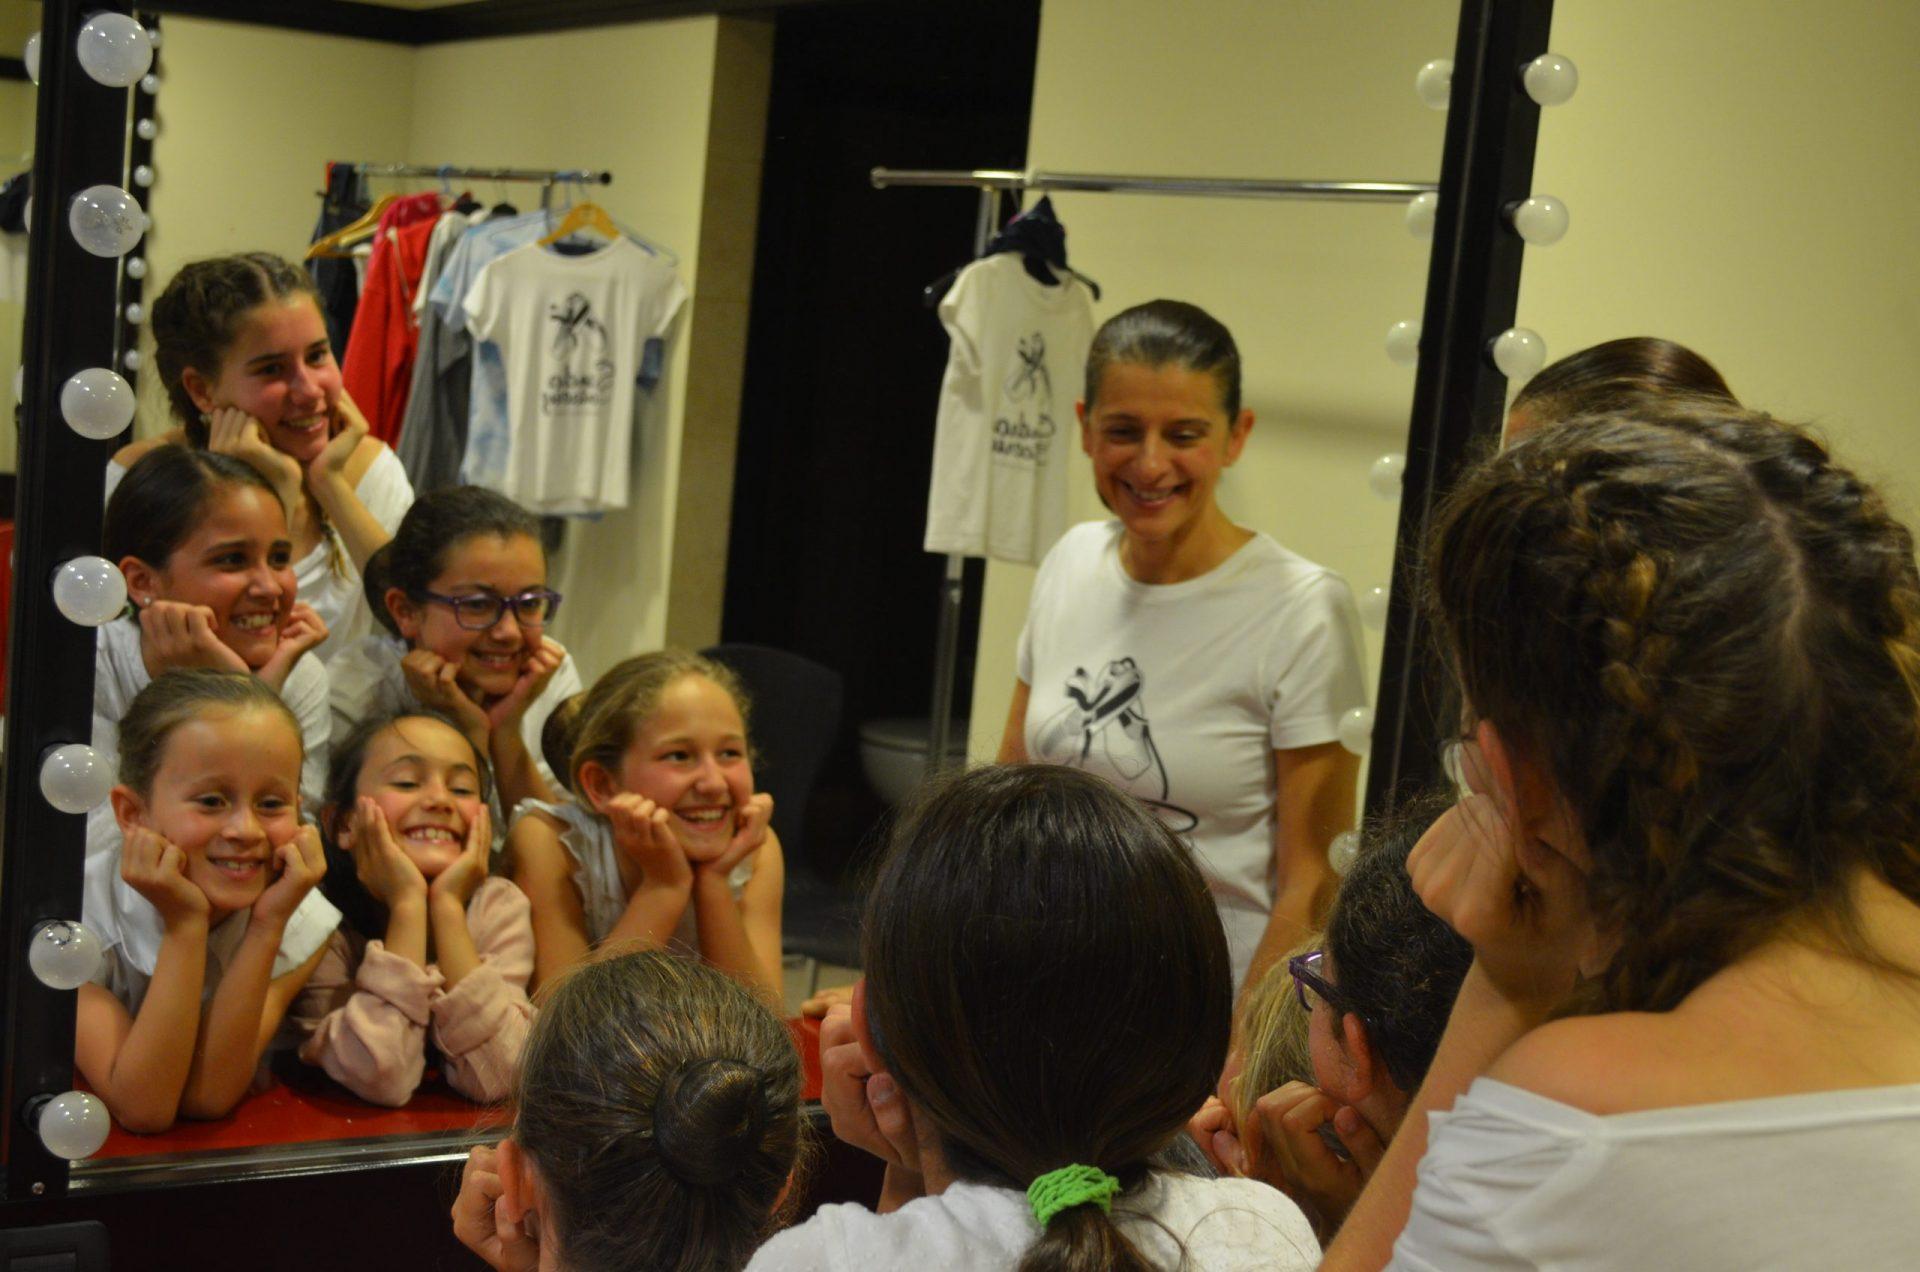 Foto del alumnado del Centro de Danza Sandra Santa Cruz en los camerinos del Pérez Galdós, mirándose al espejo de manera divertida ante el estreno de la zarzuela